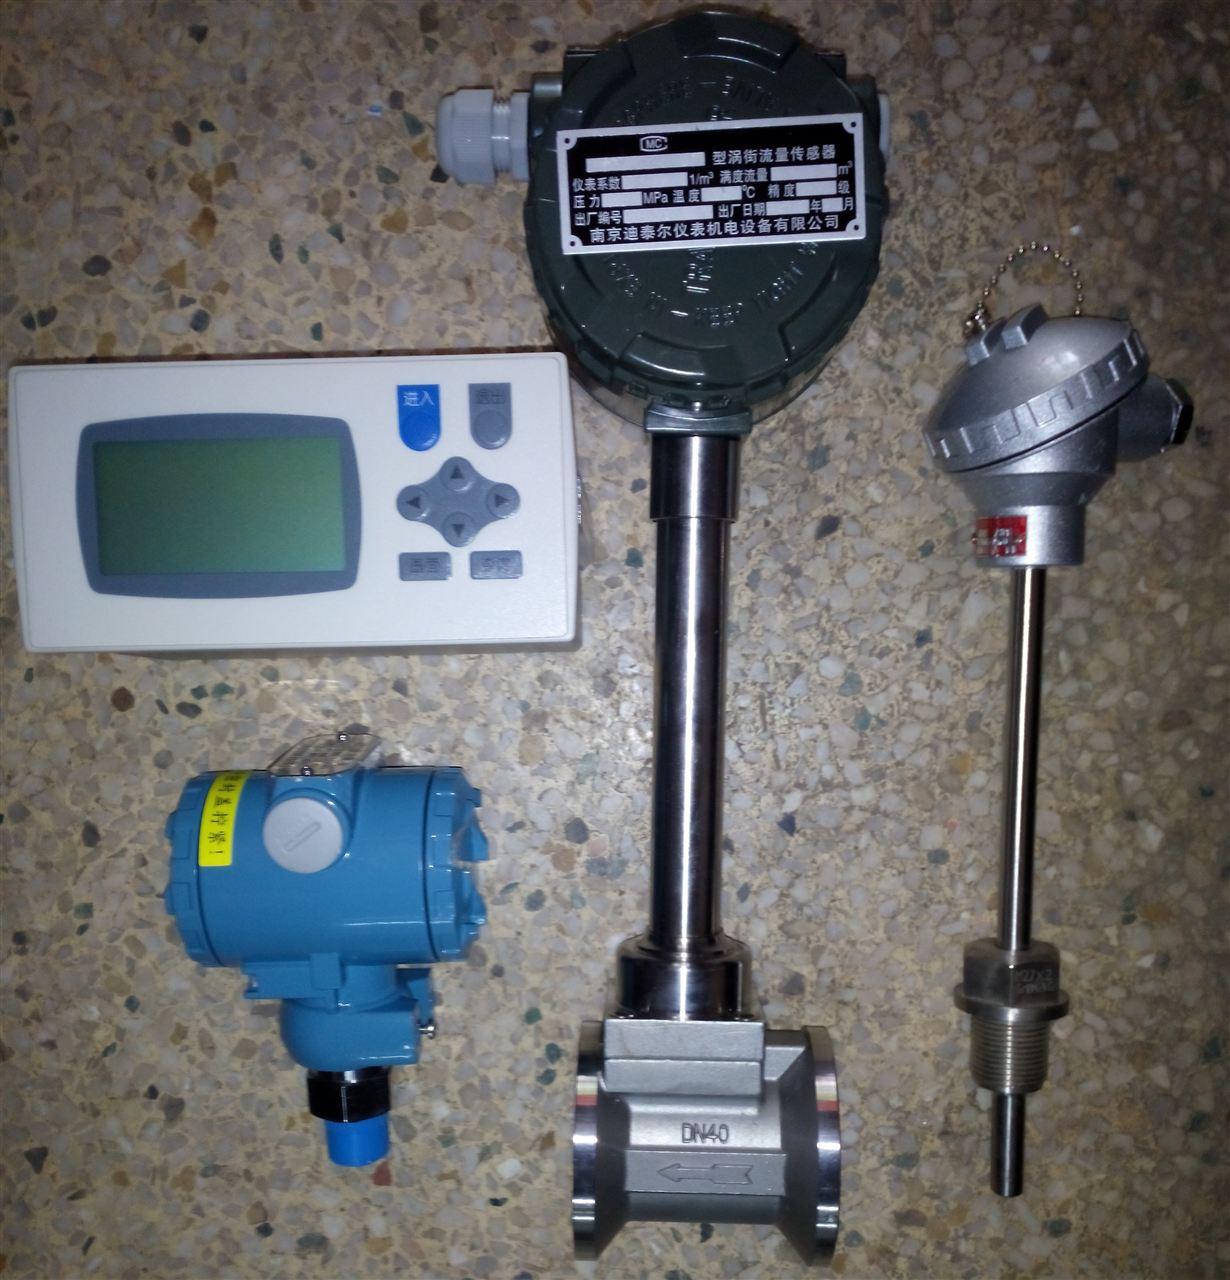 所测量信号经流量计信号处理电路采用单片机技术进行数据处理,测量